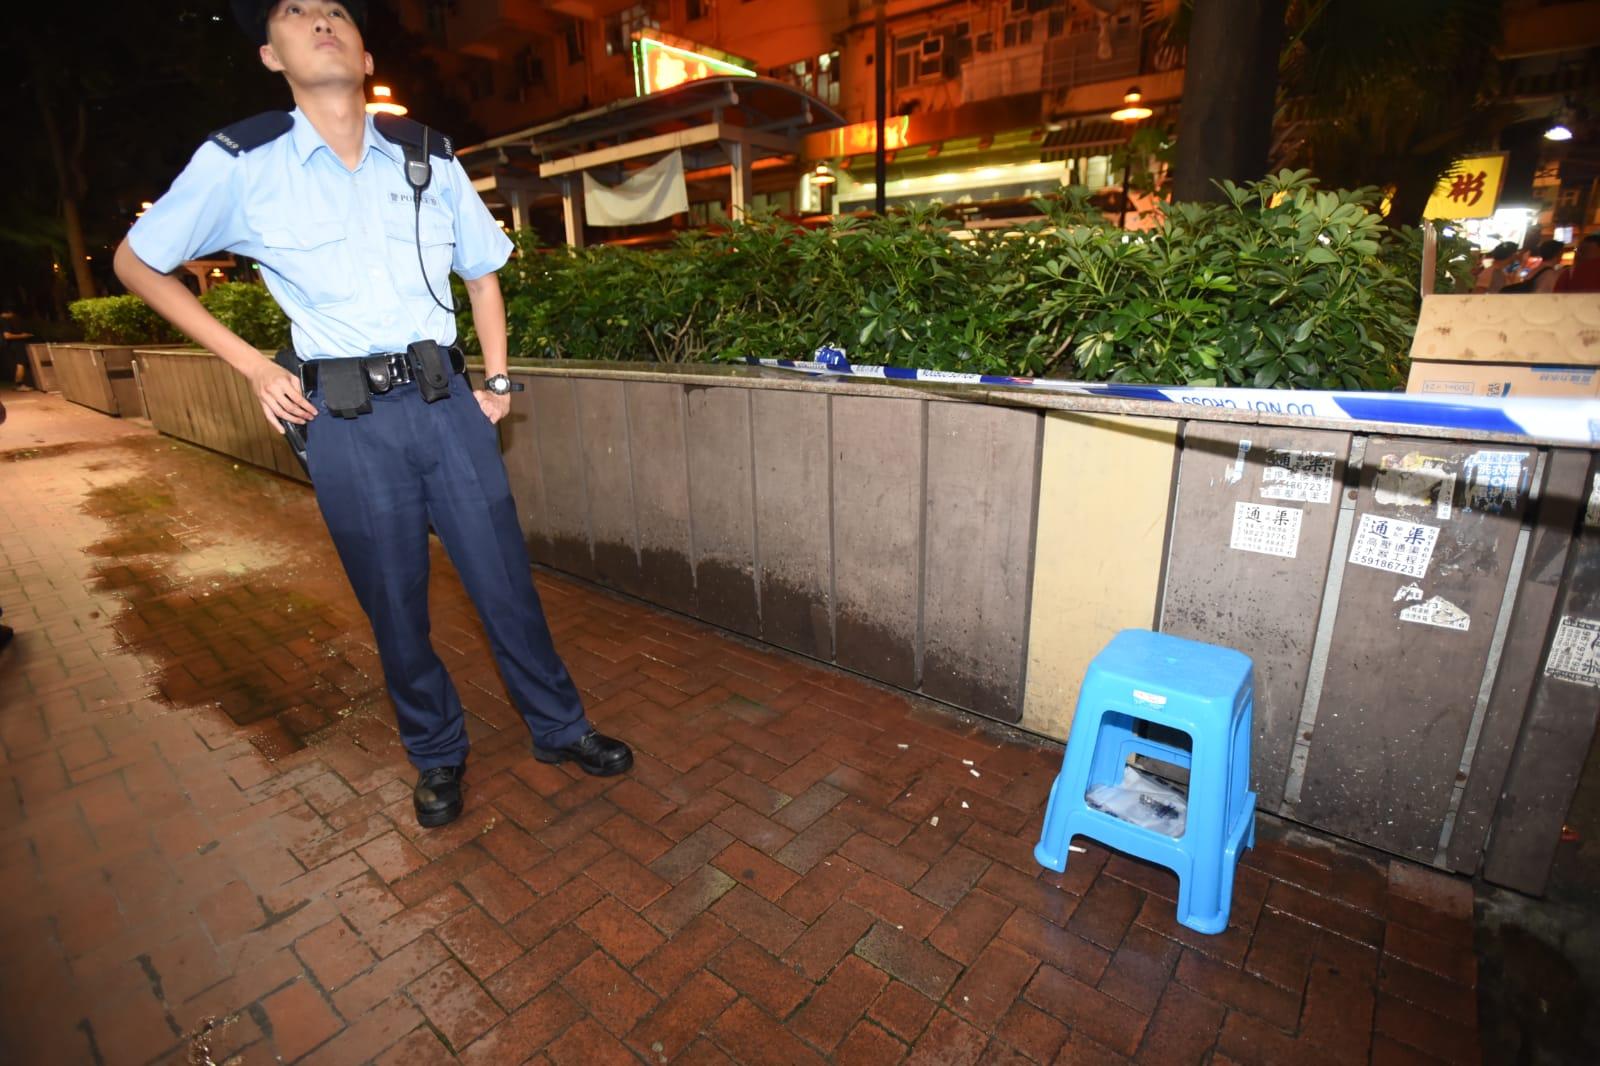 警員封鎖現場調查